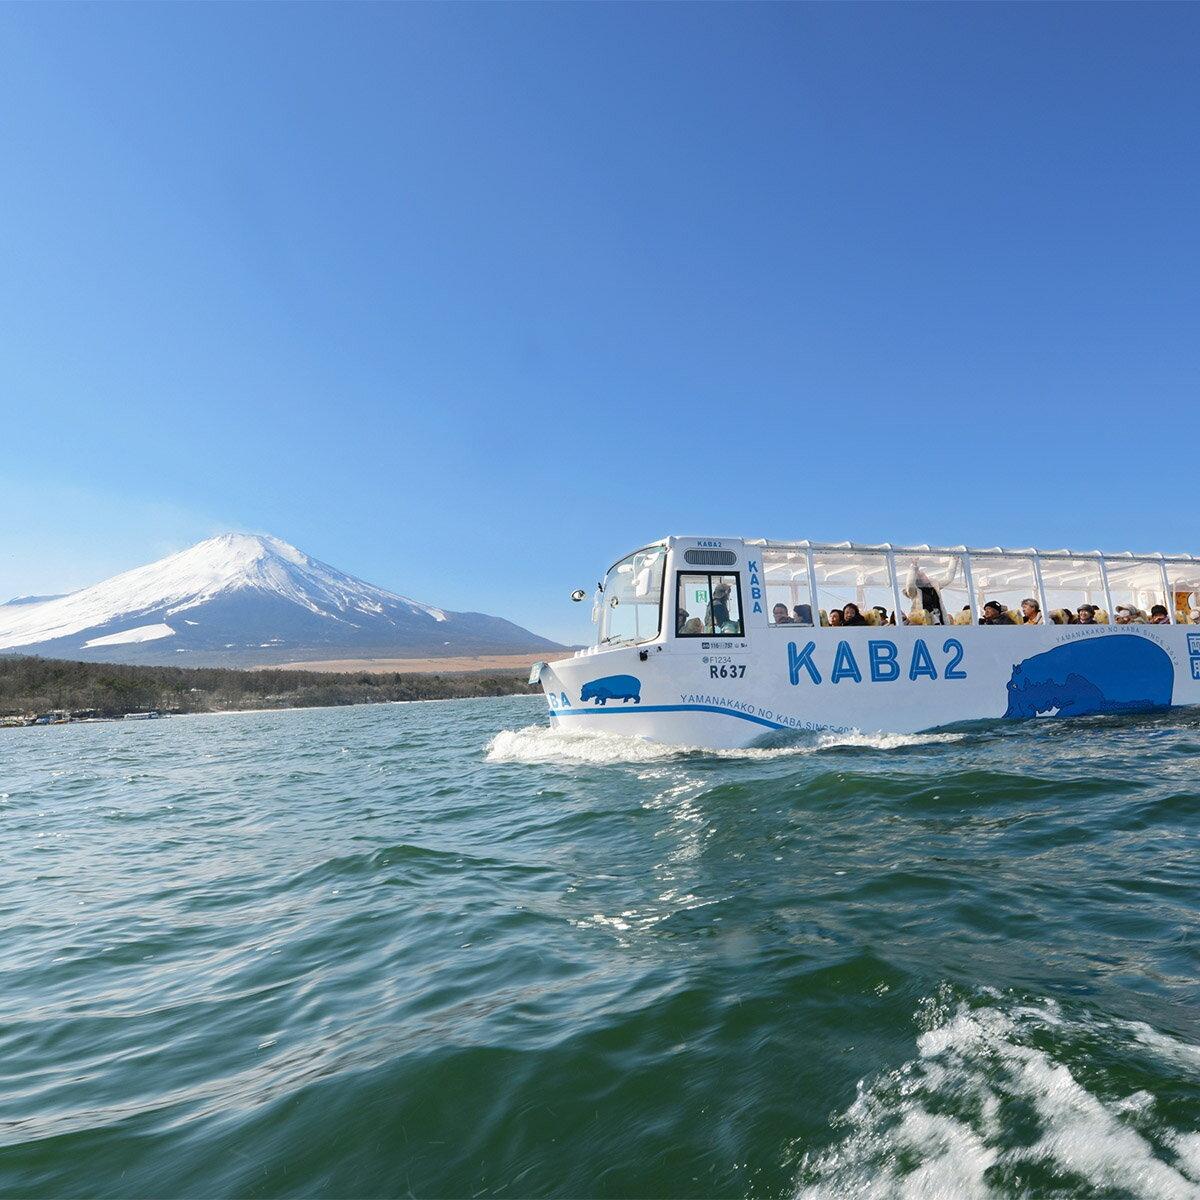 【ふるさと納税】<水陸両用 KABAバス>陸と湖上から大自然を五感で体感!一度は乗ってみたい水陸両用バス ペア乗車券